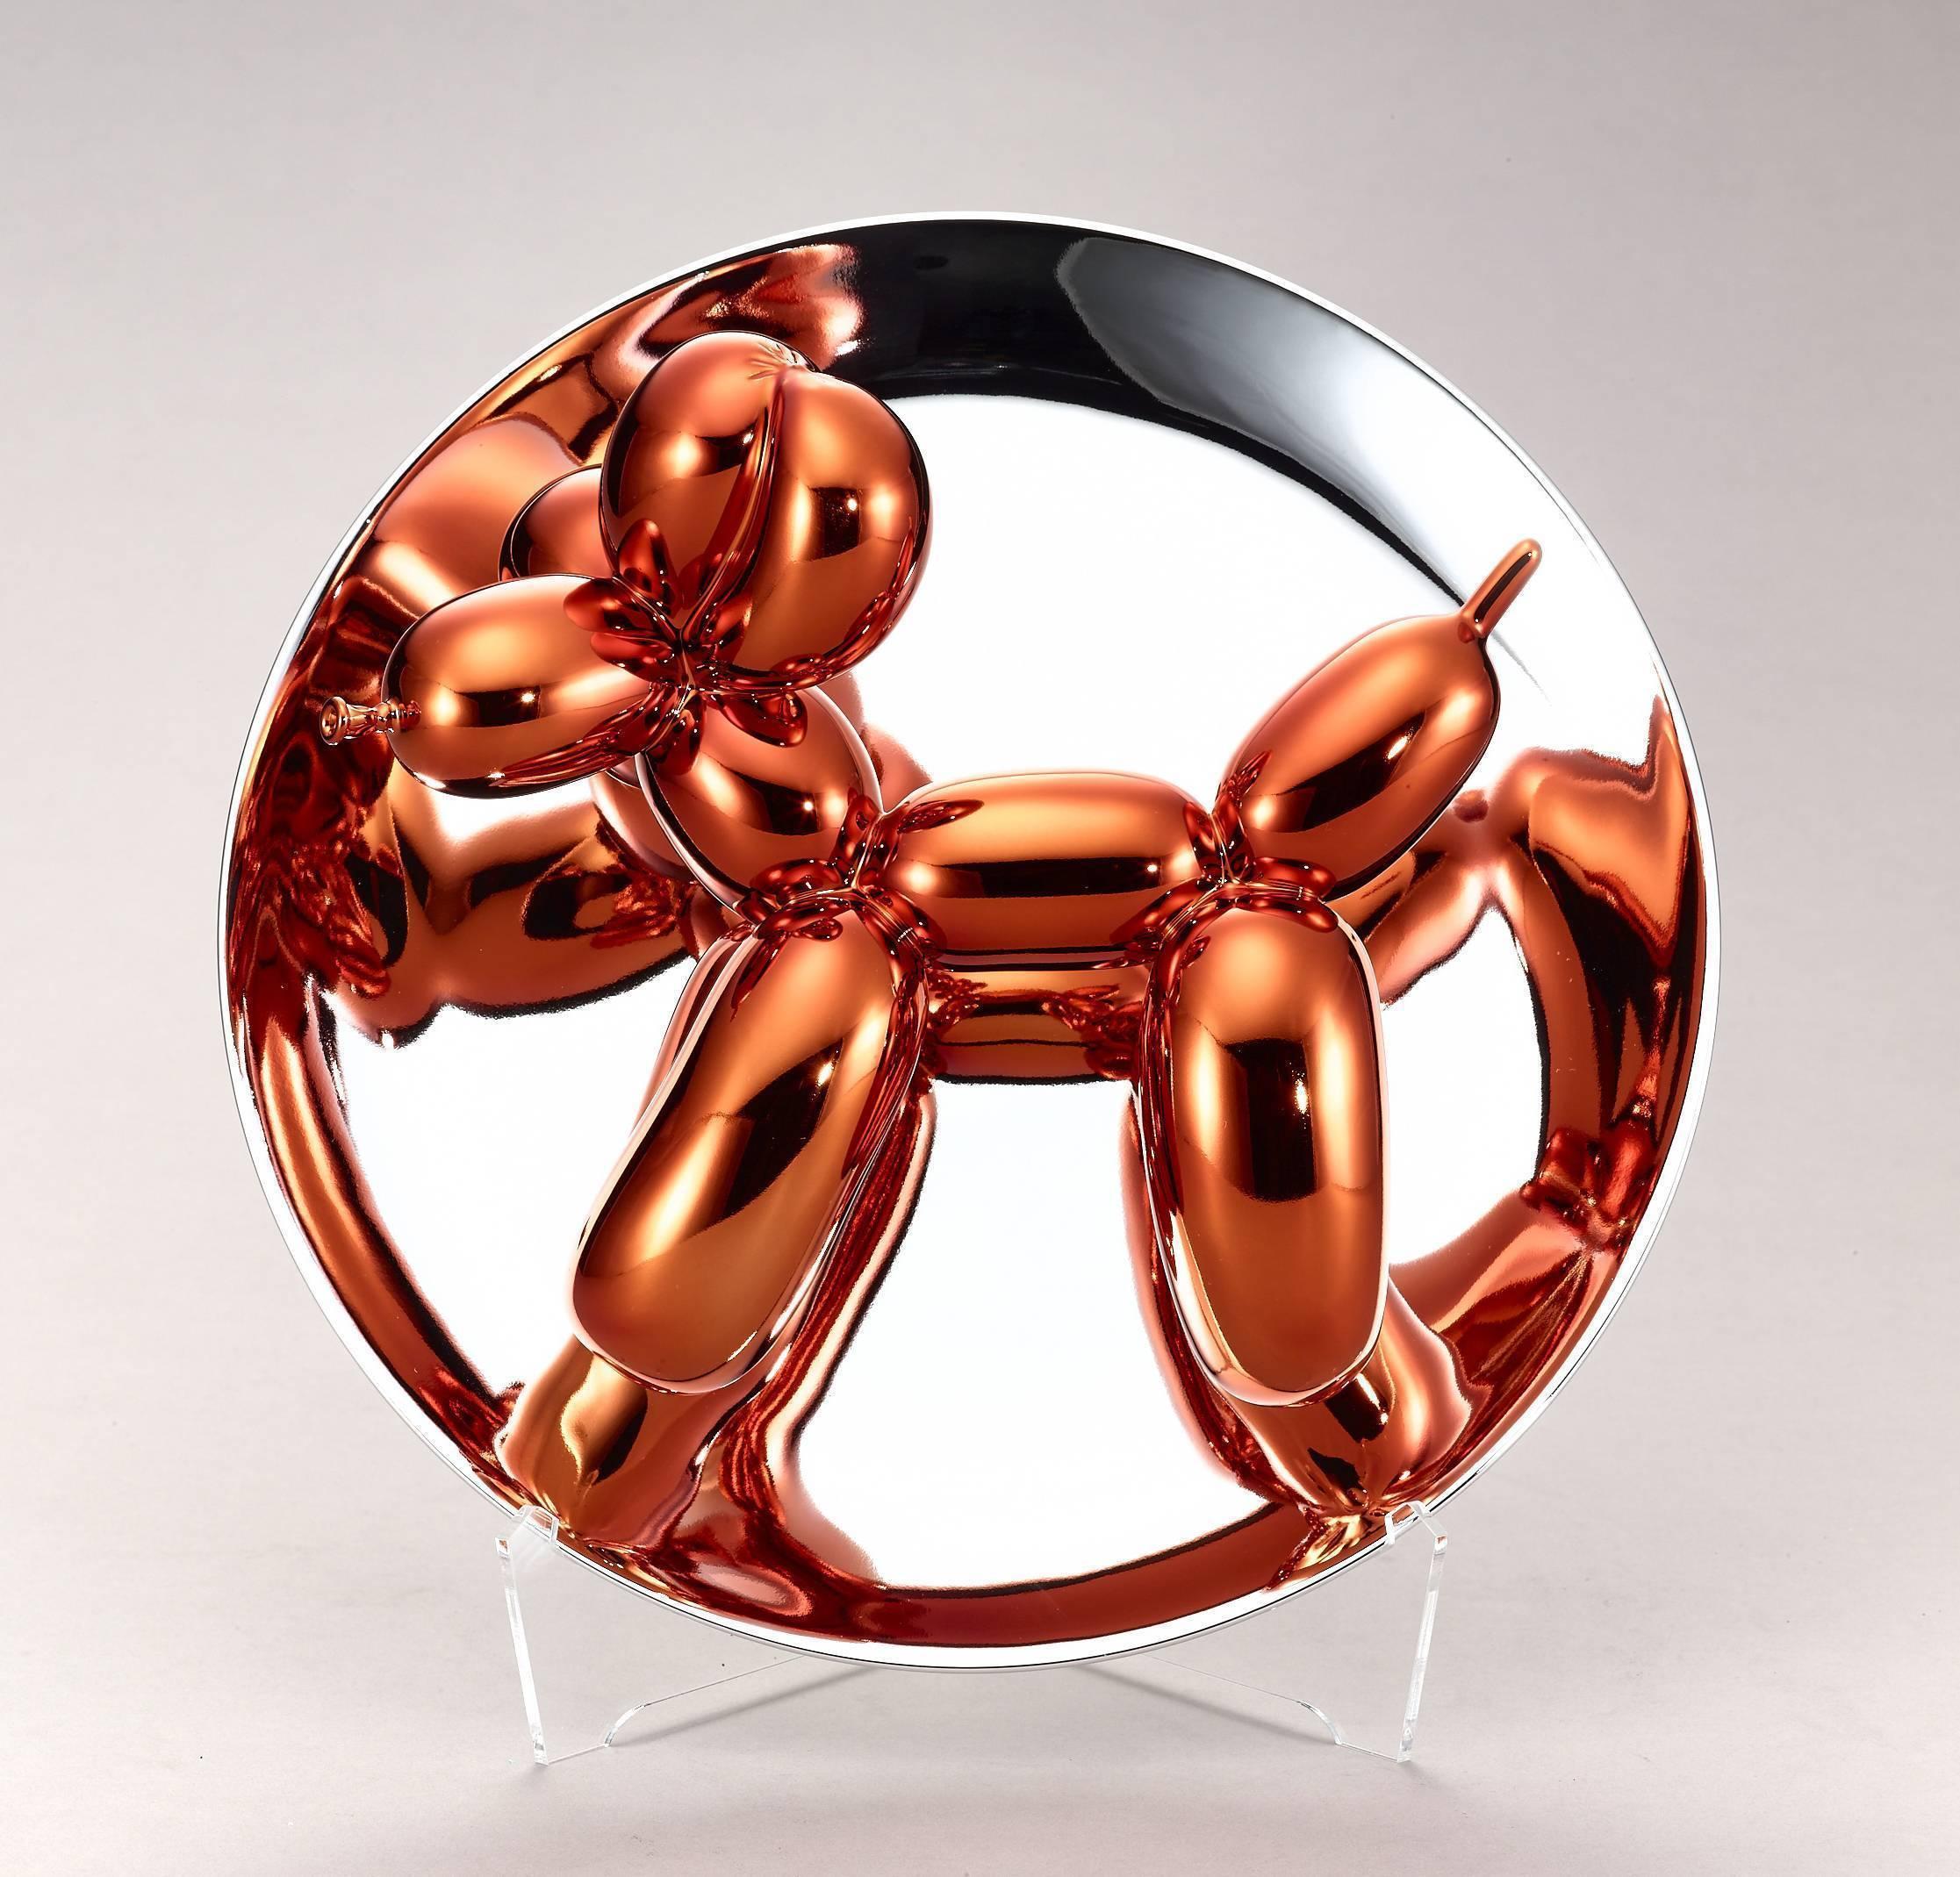 傑夫昆斯|氣球狗系列|氣球狗(澄橘)|2015|26.7x26.7x12.7 cm